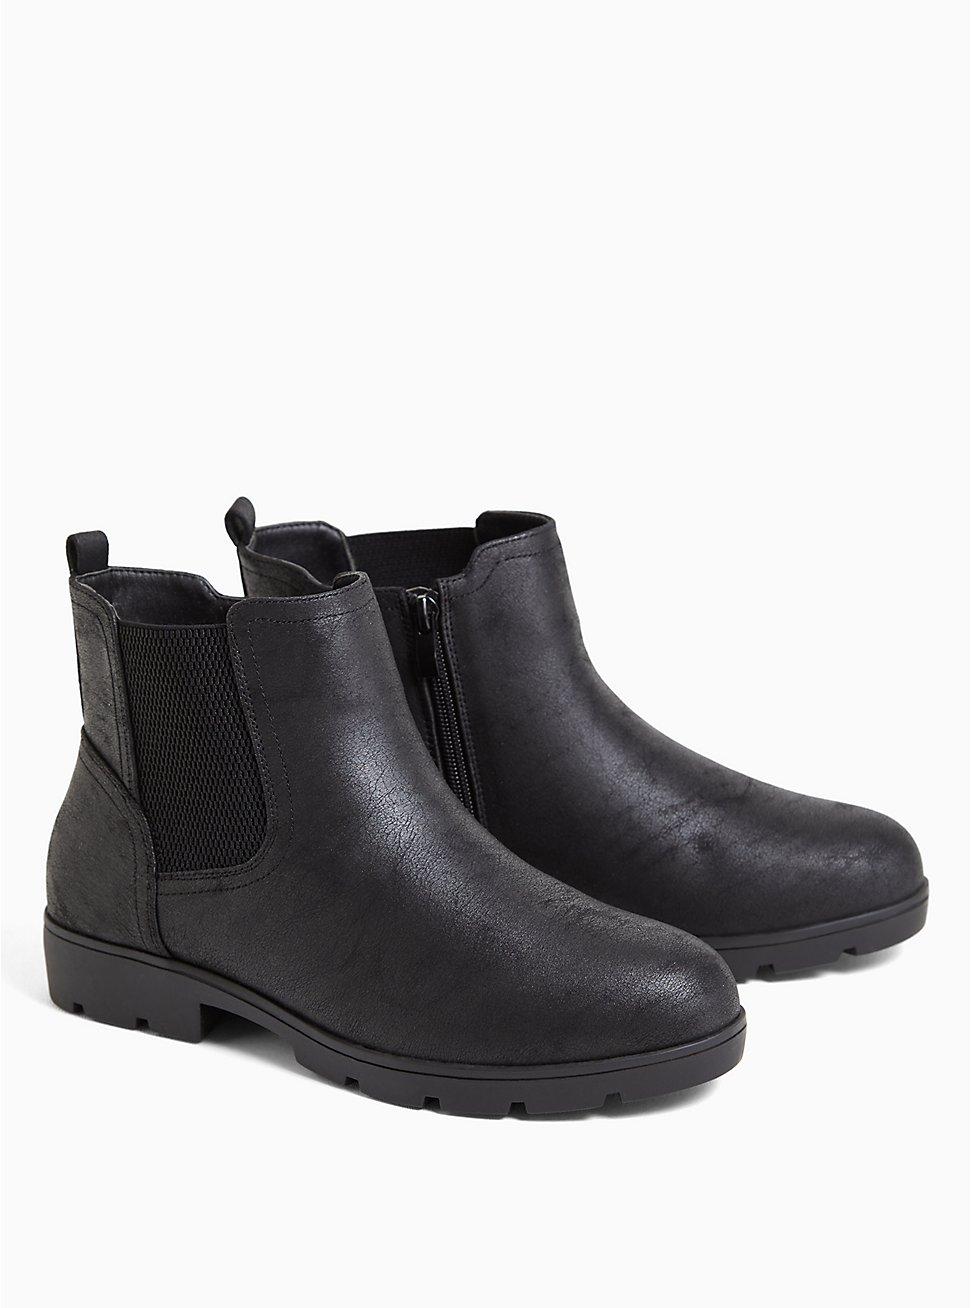 Plus Size Black Oiled Faux Suede Chelsea Lug Bootie (WW), BLACK, hi-res